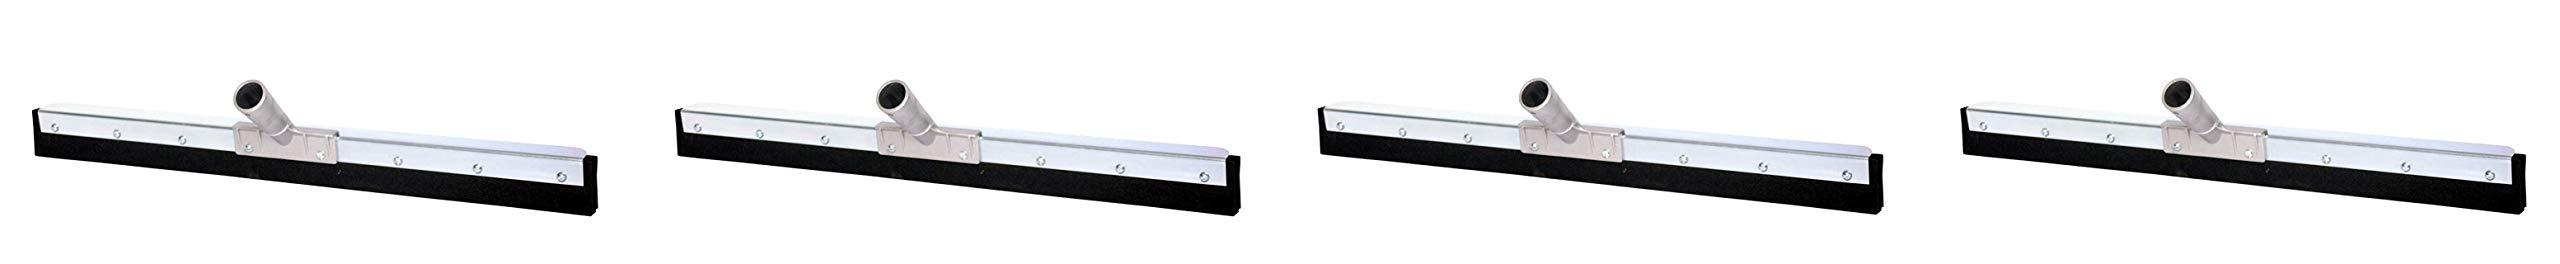 Haviland 0736 Double Nitrite Foam Rubber Standard Duty Floor Squeegee, 36'' Length, Black (4-(Pack))